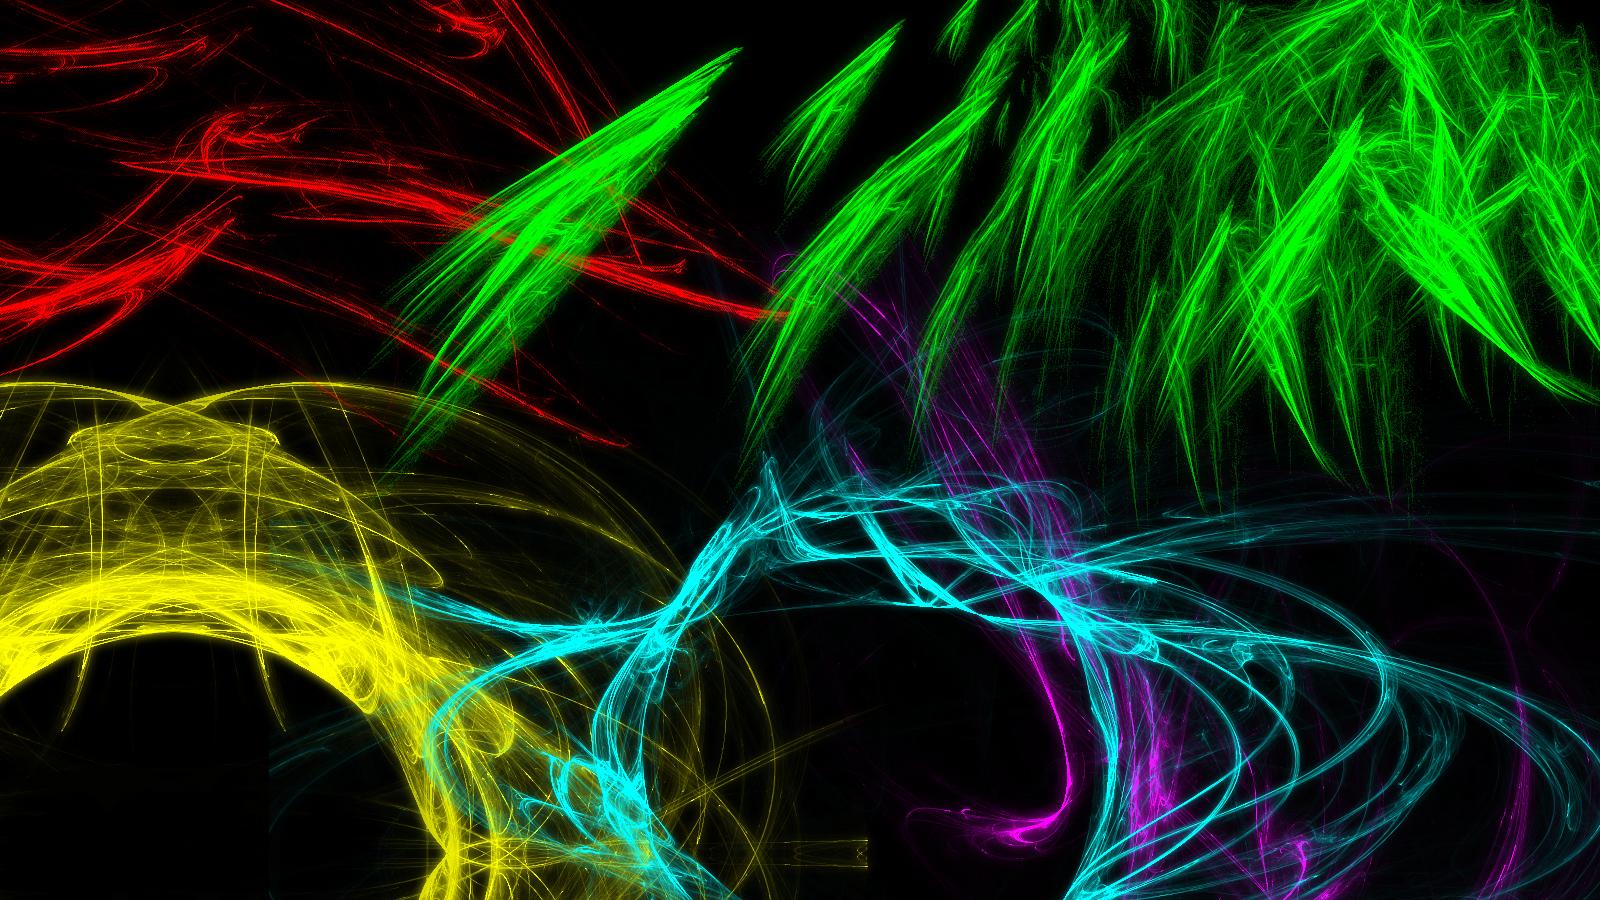 abstract bows